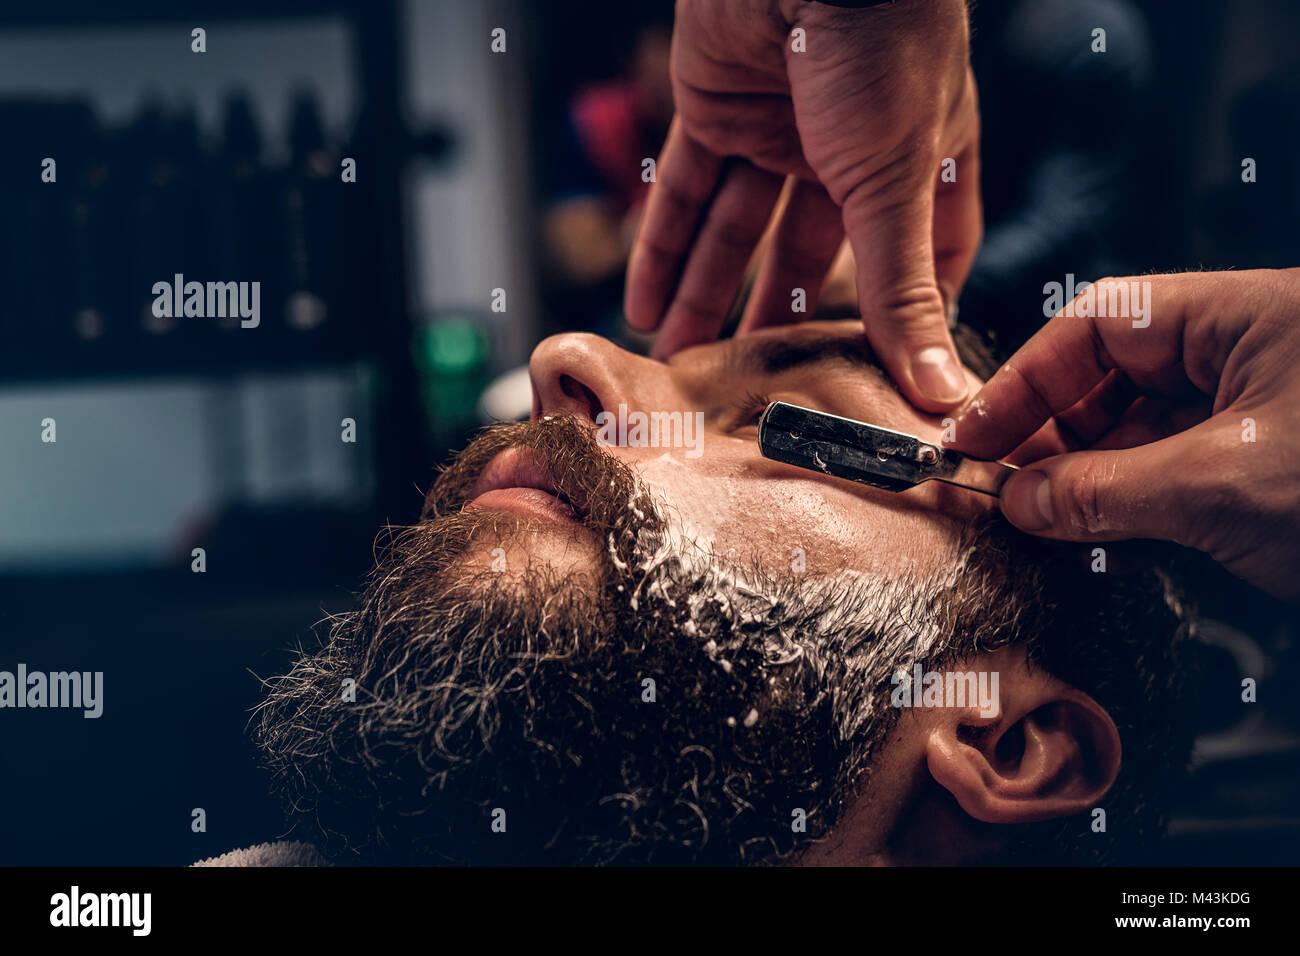 Barber Afeitado masculino barbado con una navaja afilada. Imagen De Stock